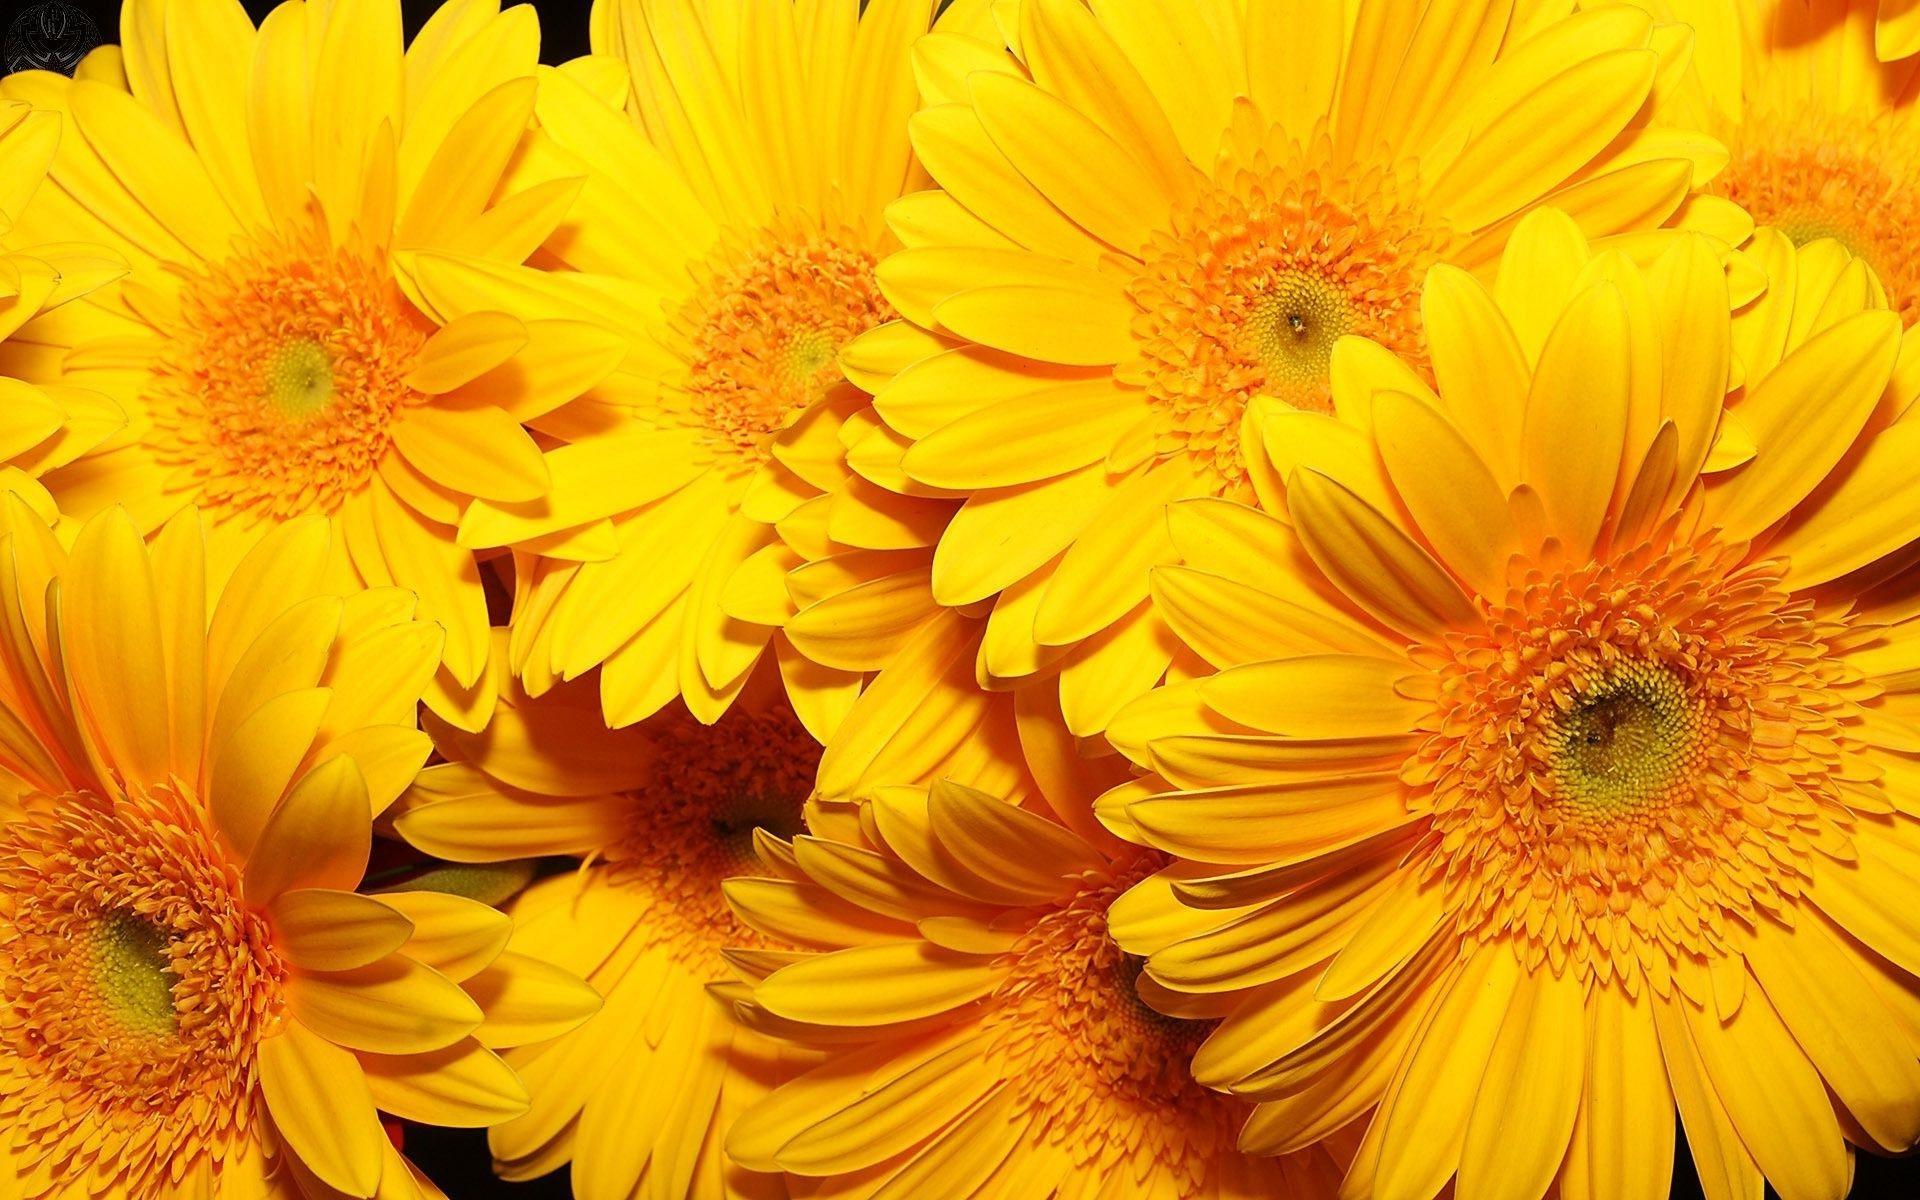 раньше фото на рабочий стол желтые цветы для хинкали используем